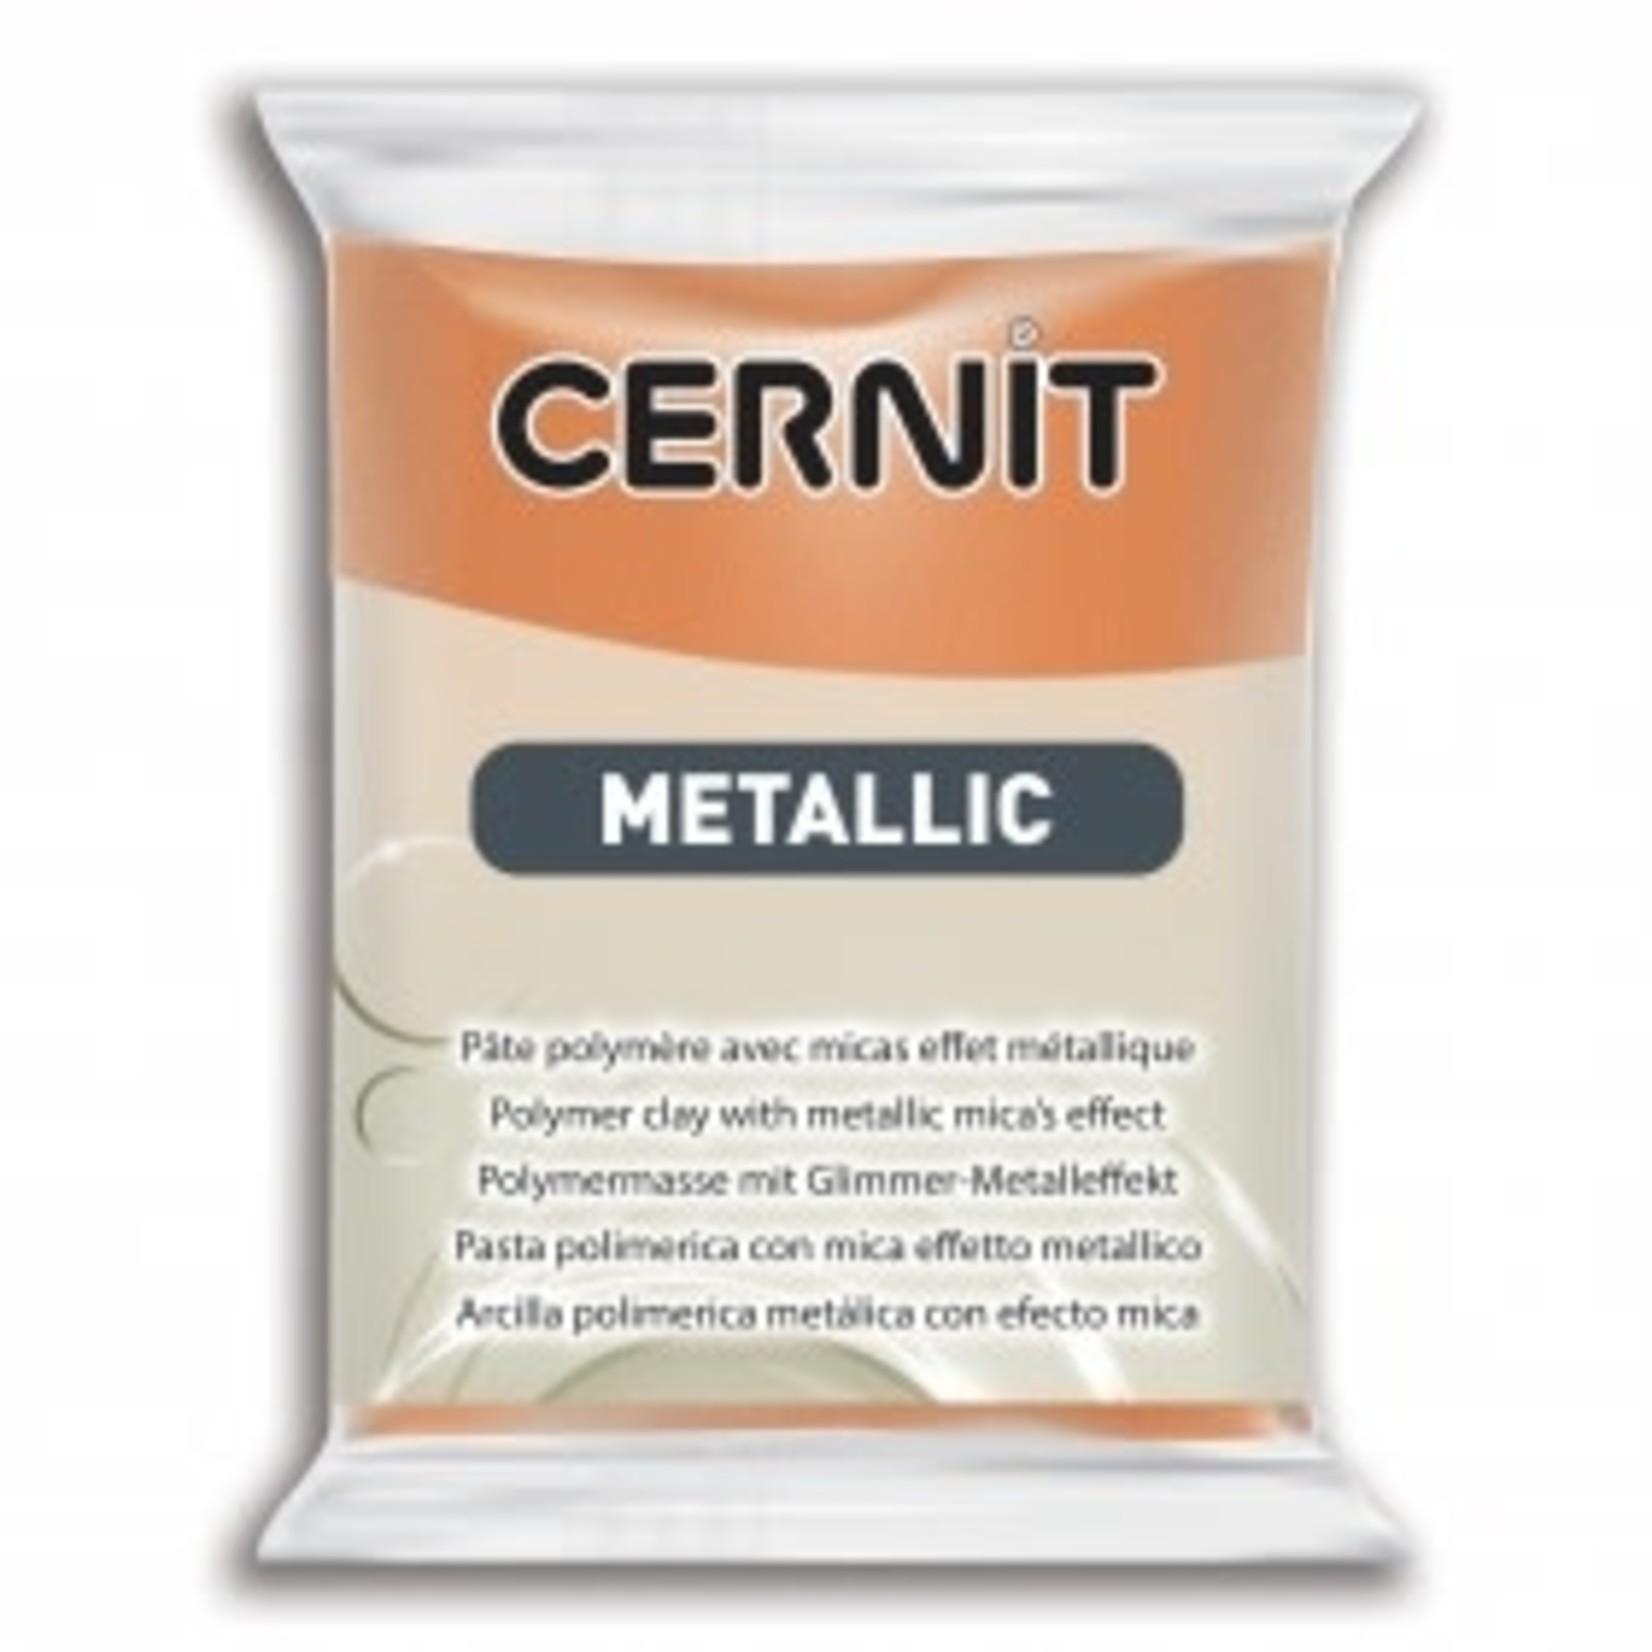 Cernit Cernit Metallic 56g Rust